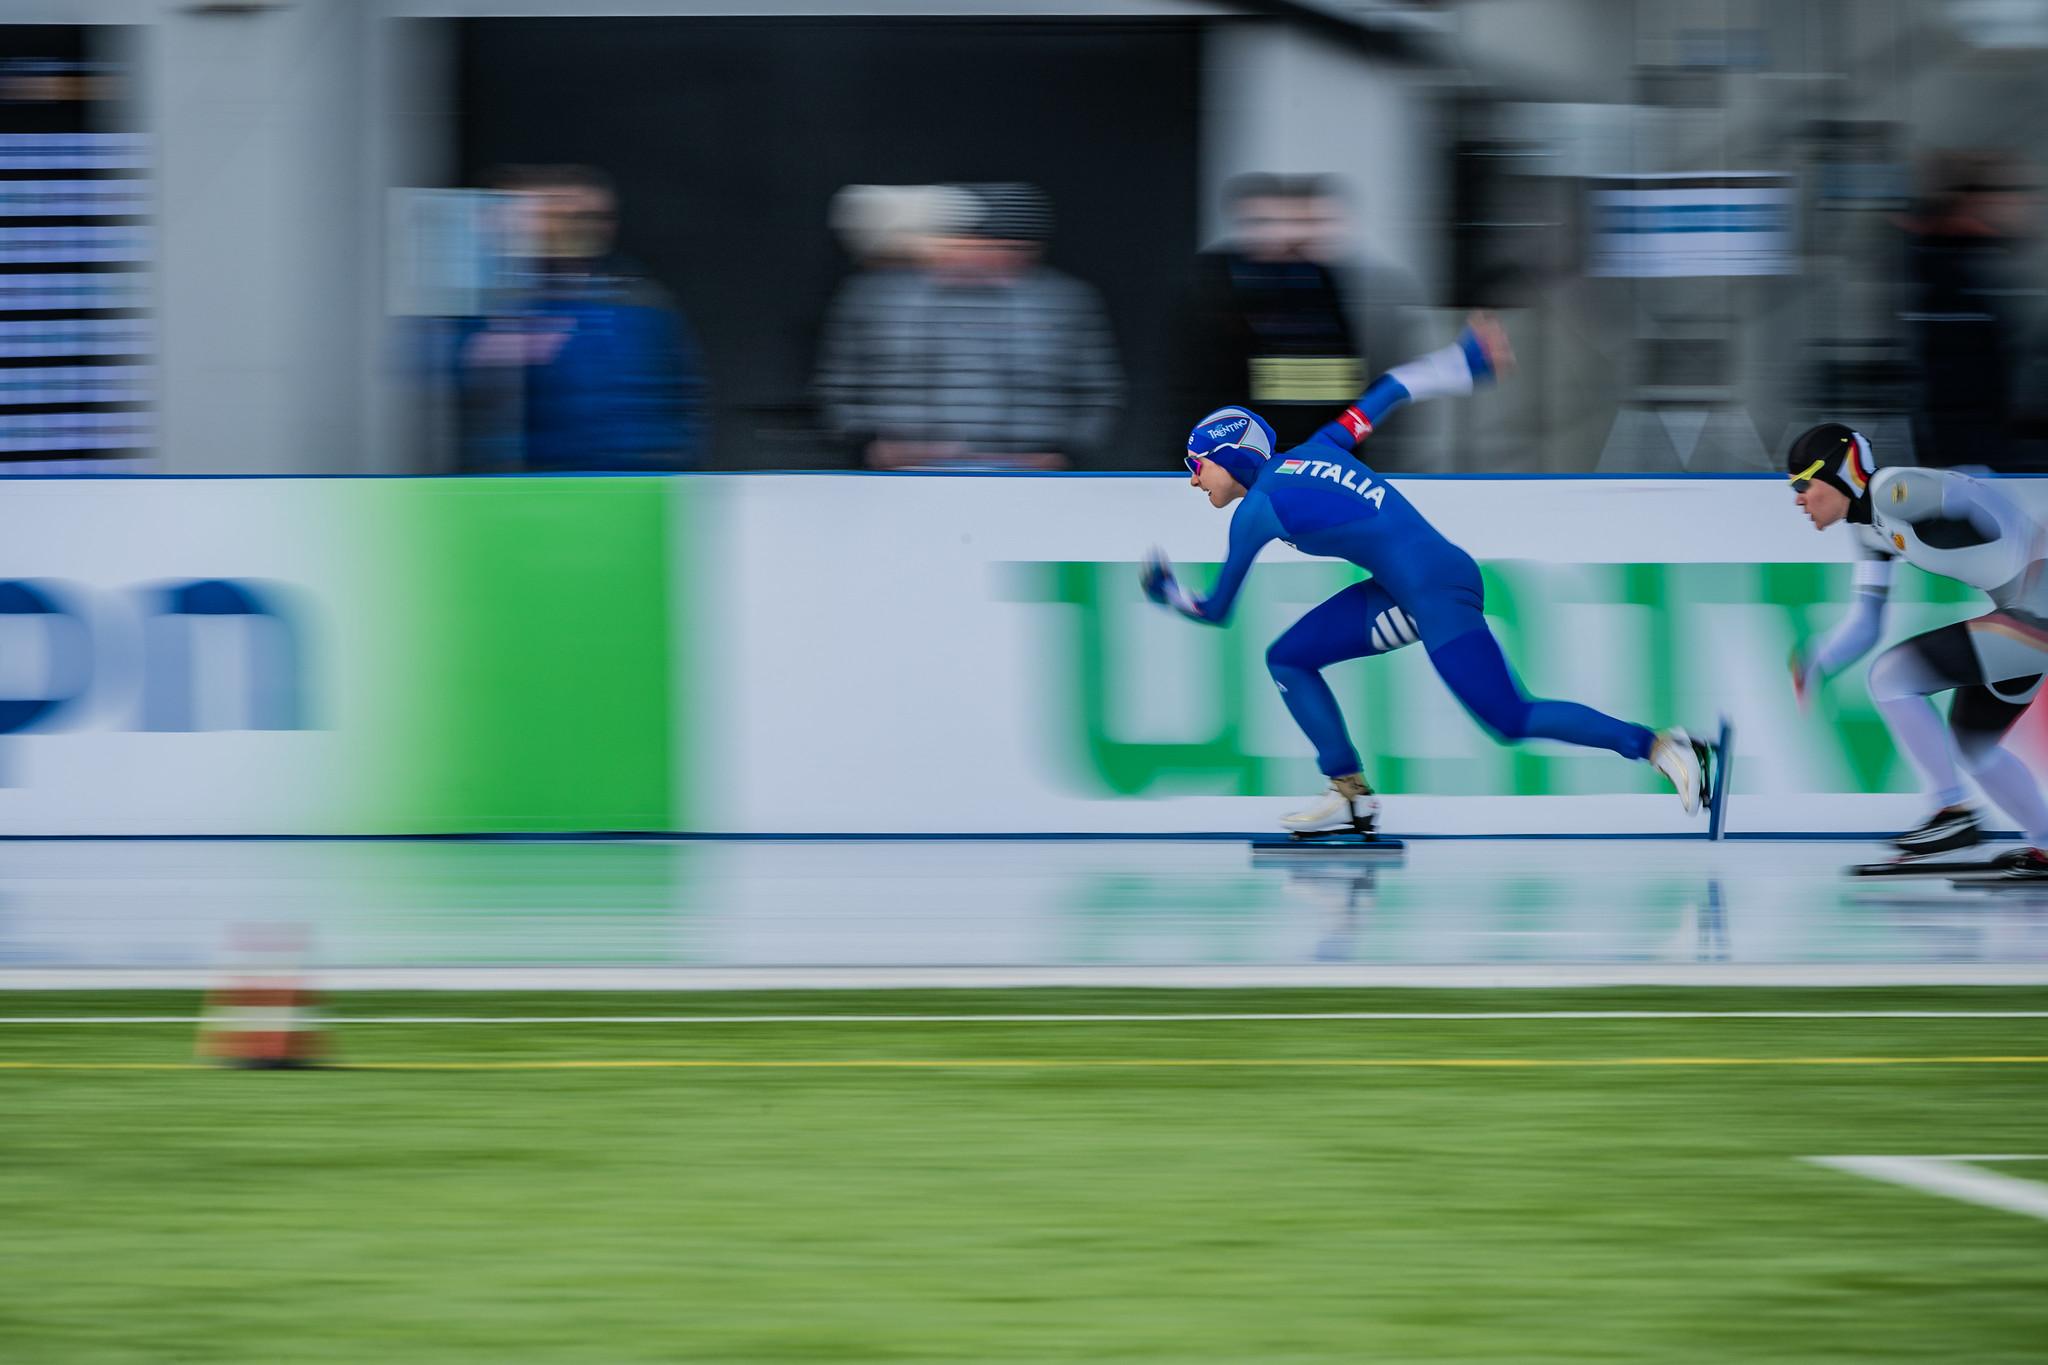 全日本ジュニアスピードスケート選手権2021結果速報・日程